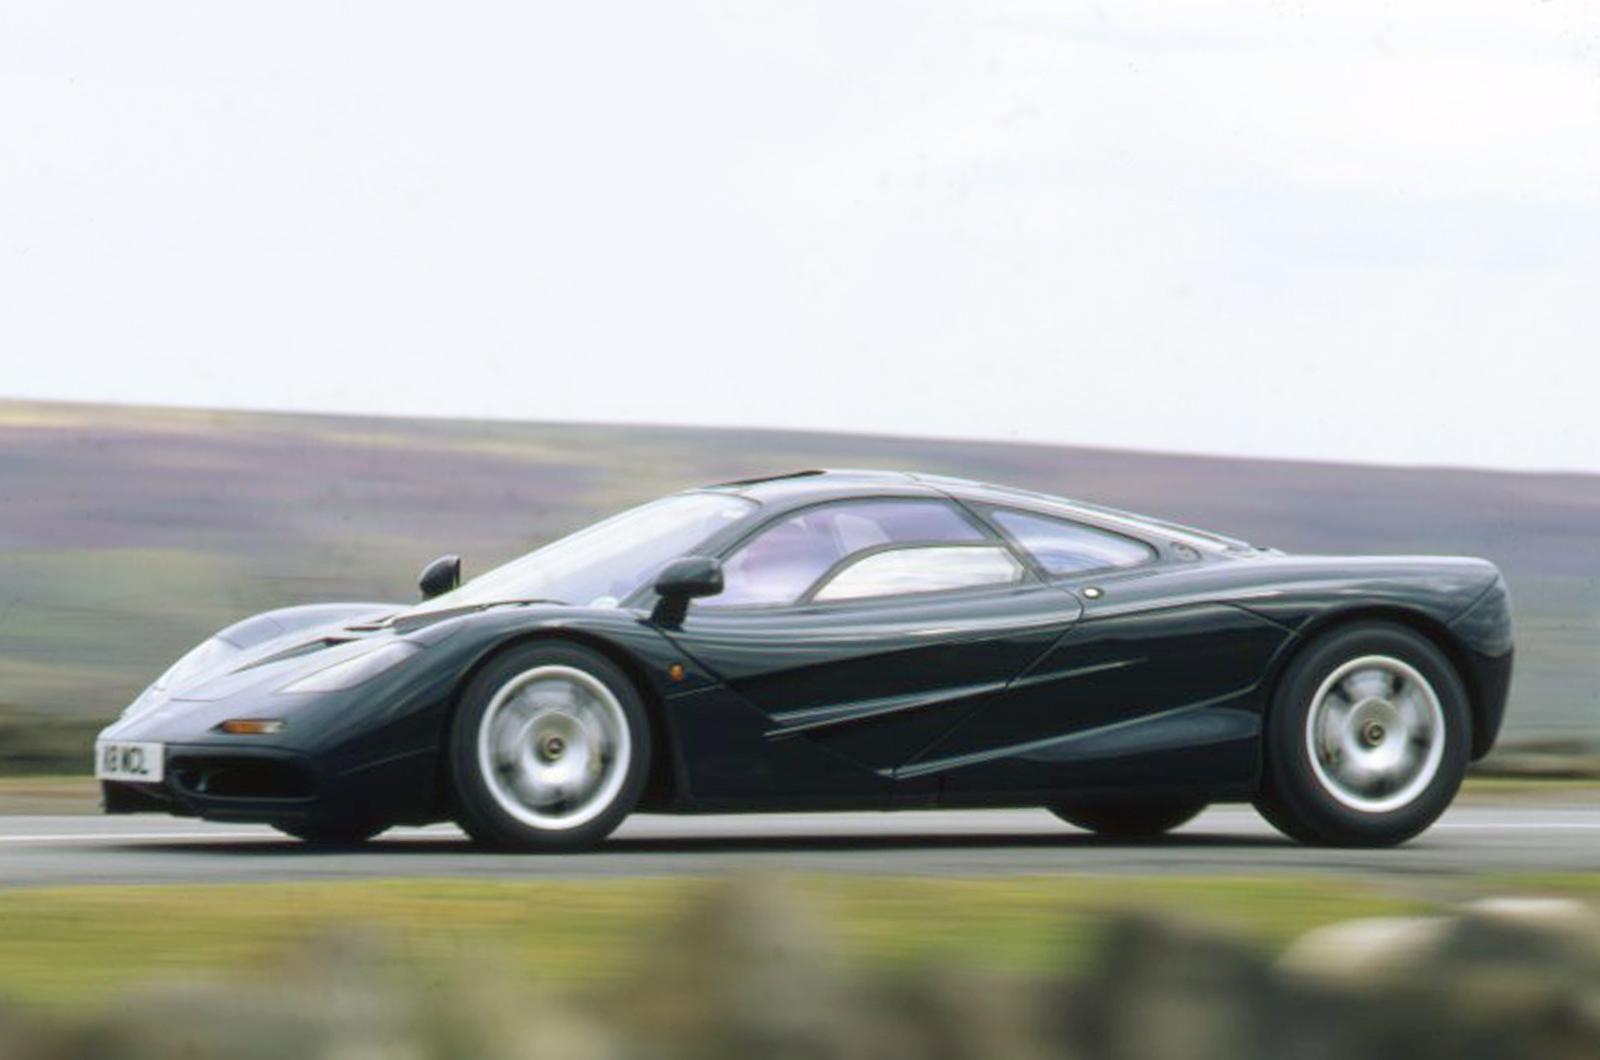 1992 Mclaren F1: McLaren F1 1992-1998 Review